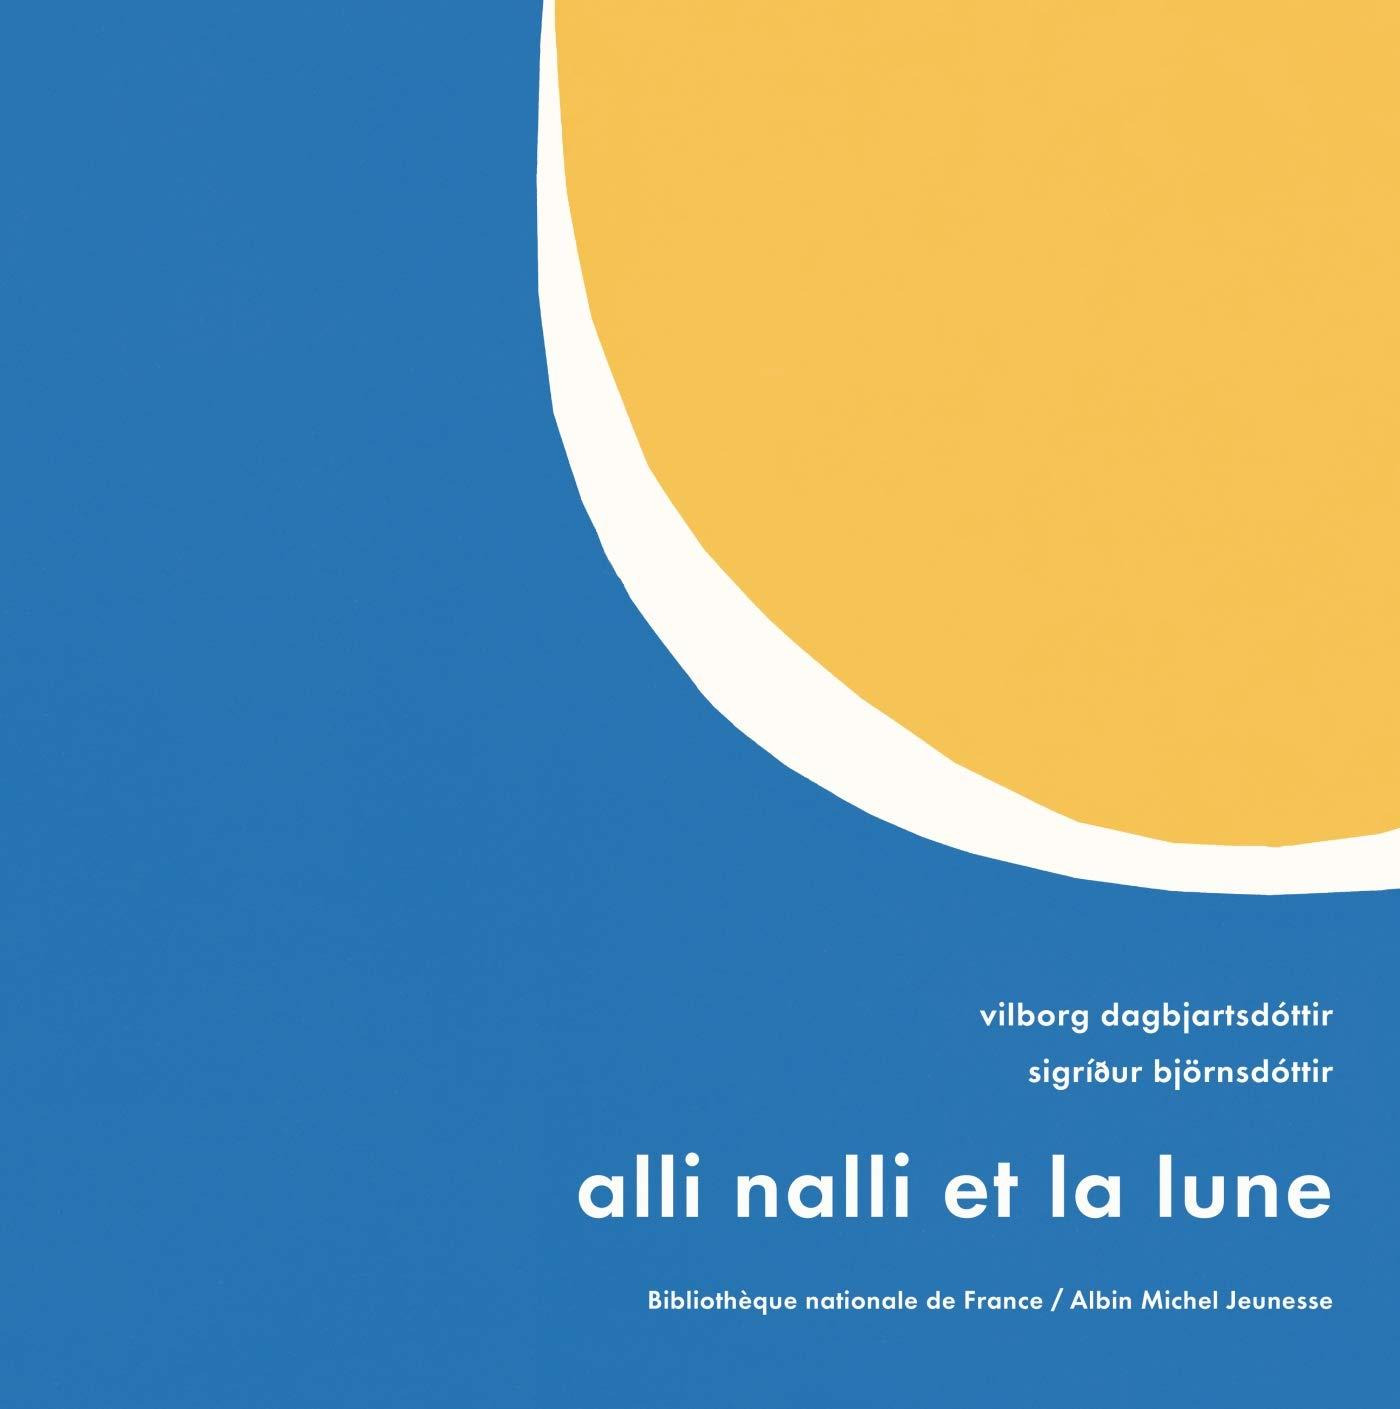 Alli Nalli et la lune - Vilborg Dagbjartsdóttir & Sigriður Björnsdóttir